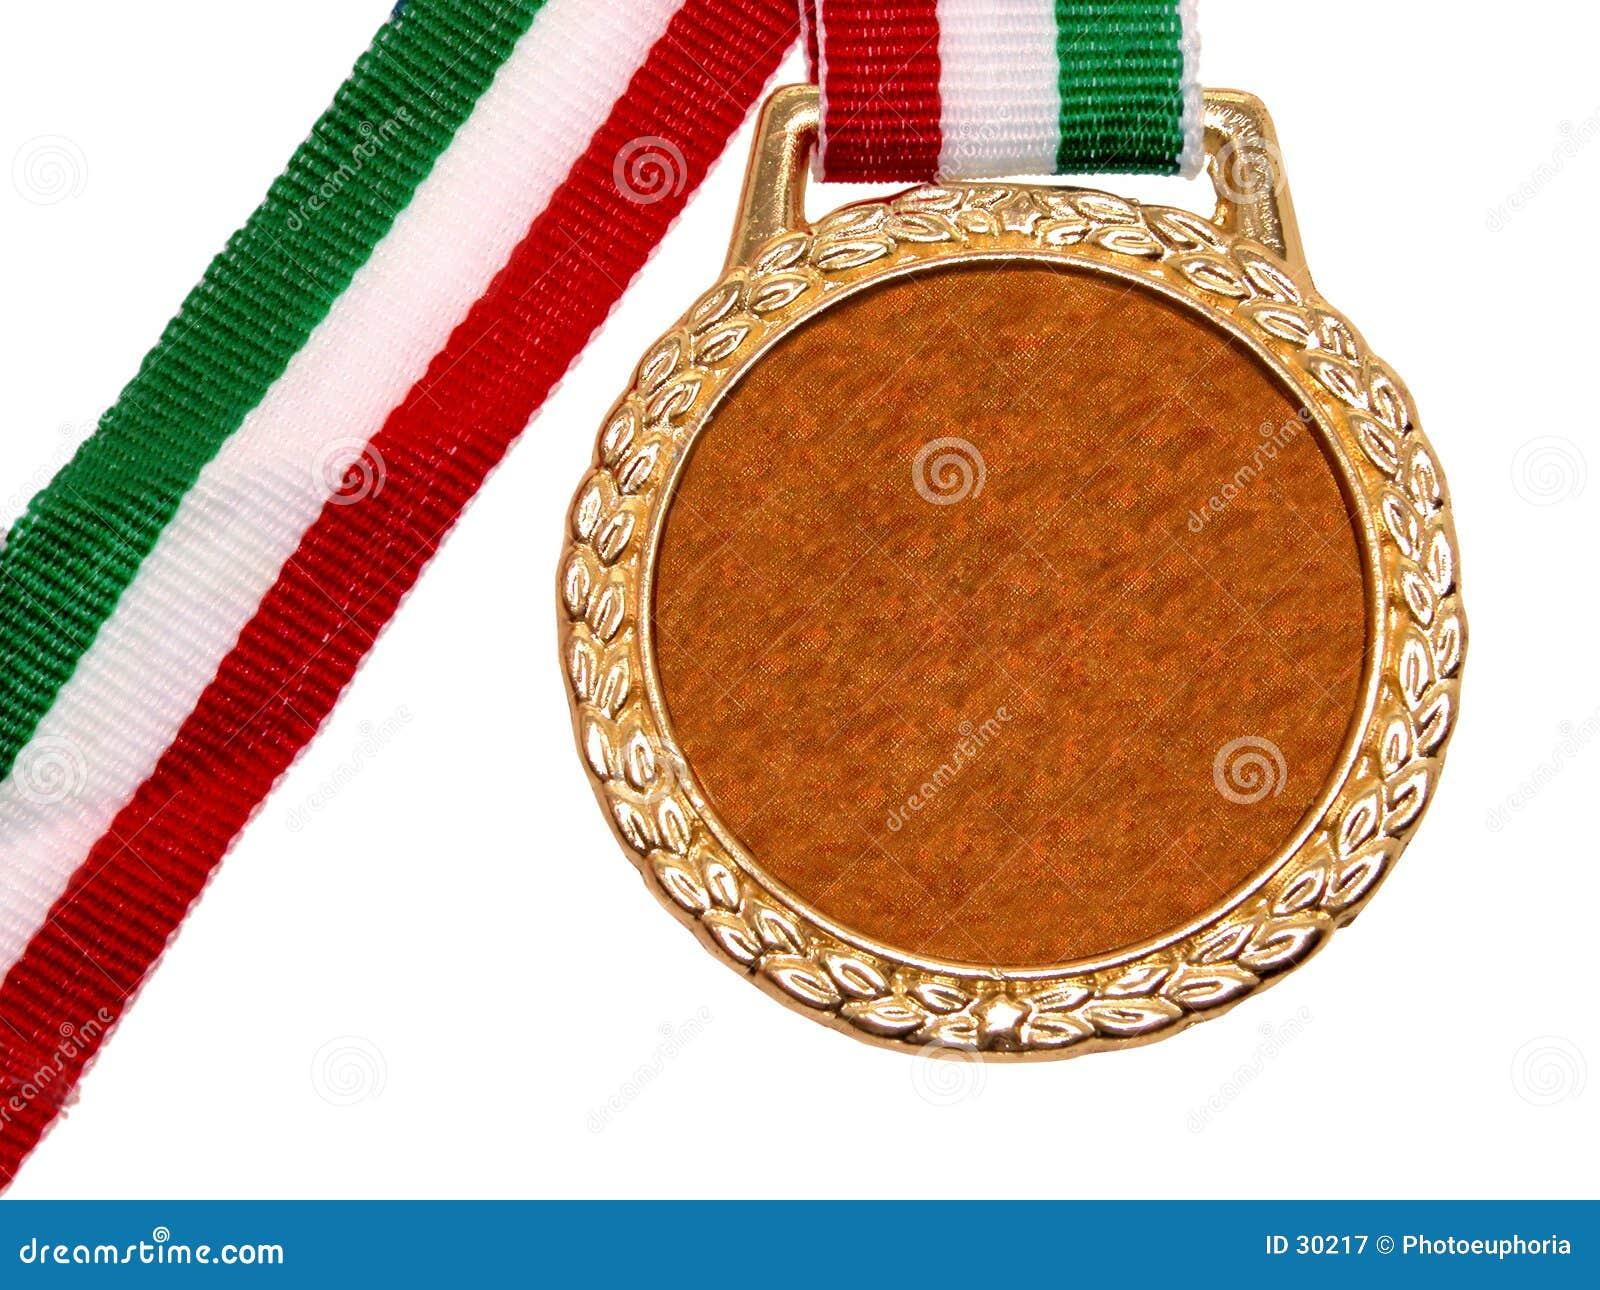 White för grönt band för medalj för guld blank diverse rött